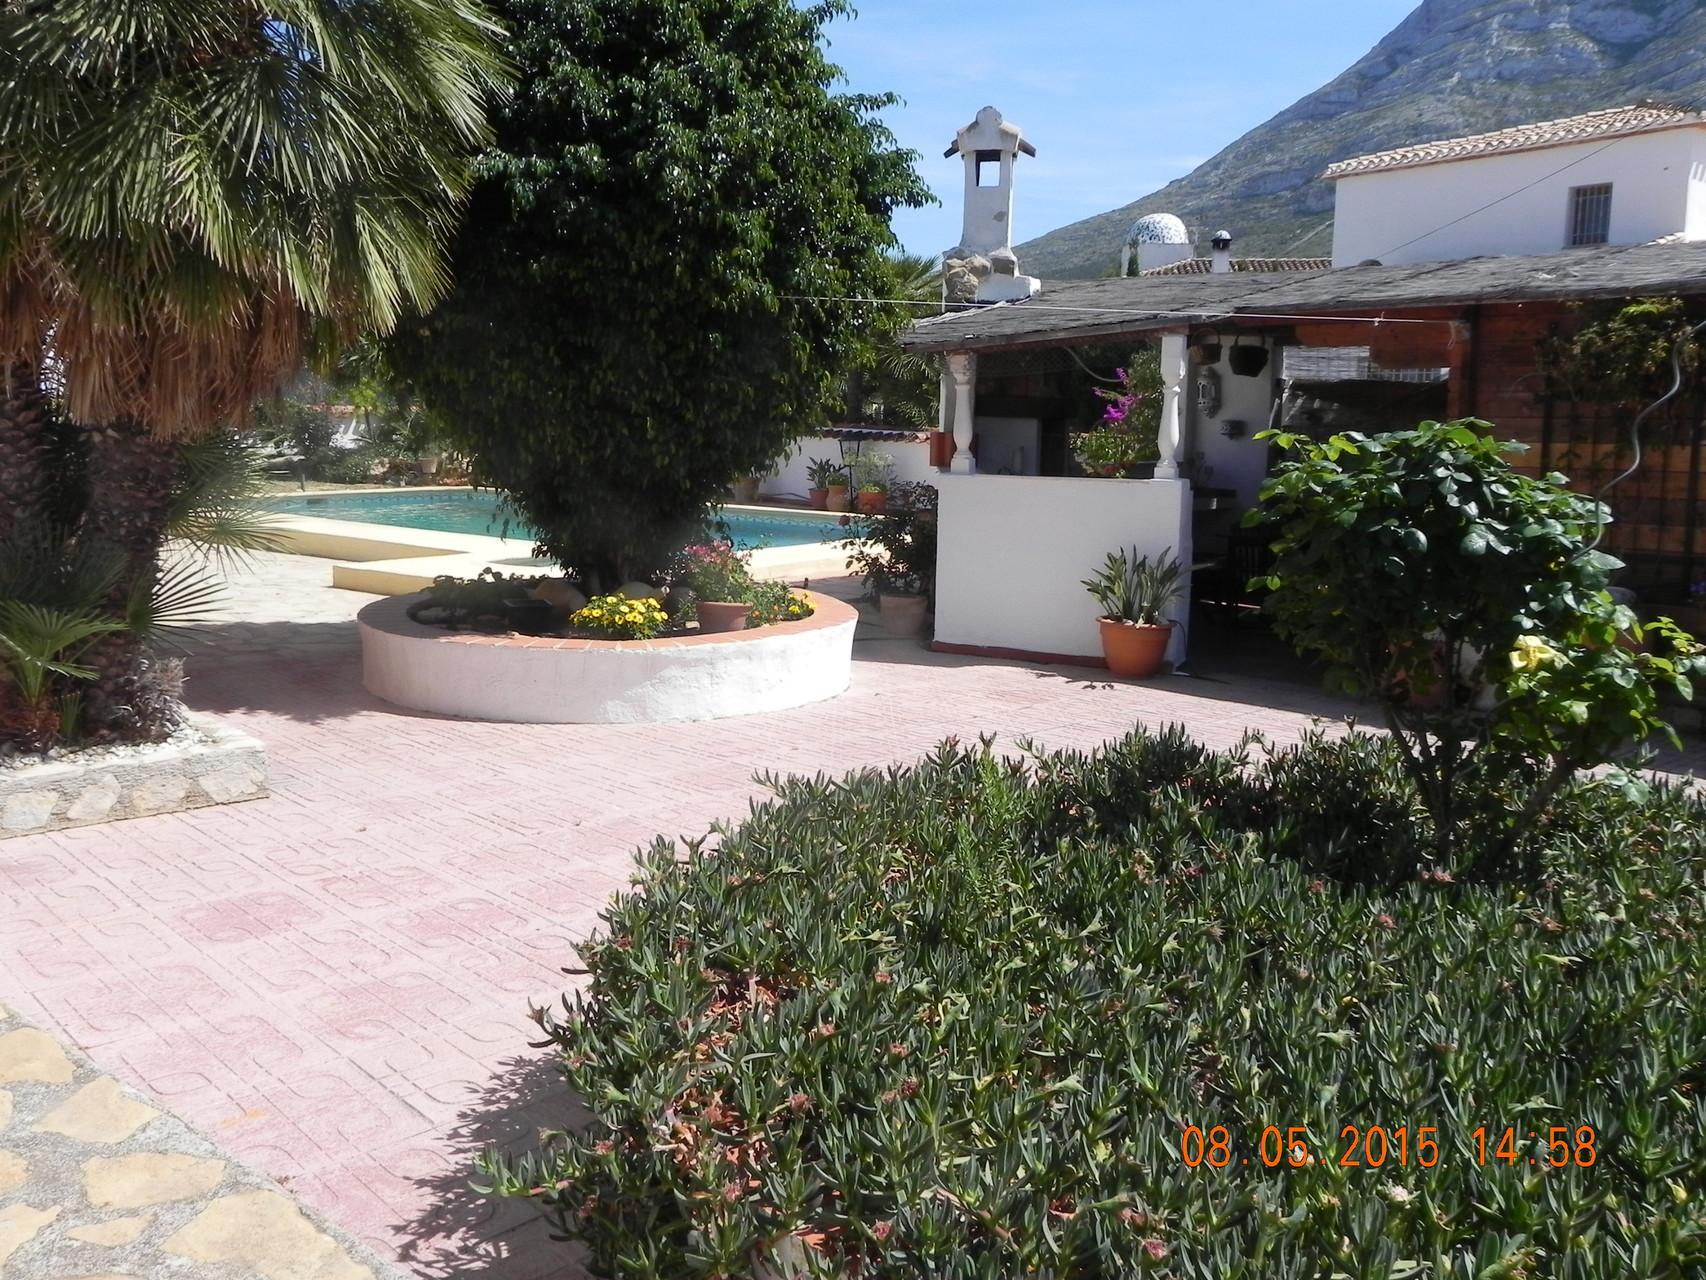 Blick zum Pool und Außenküche